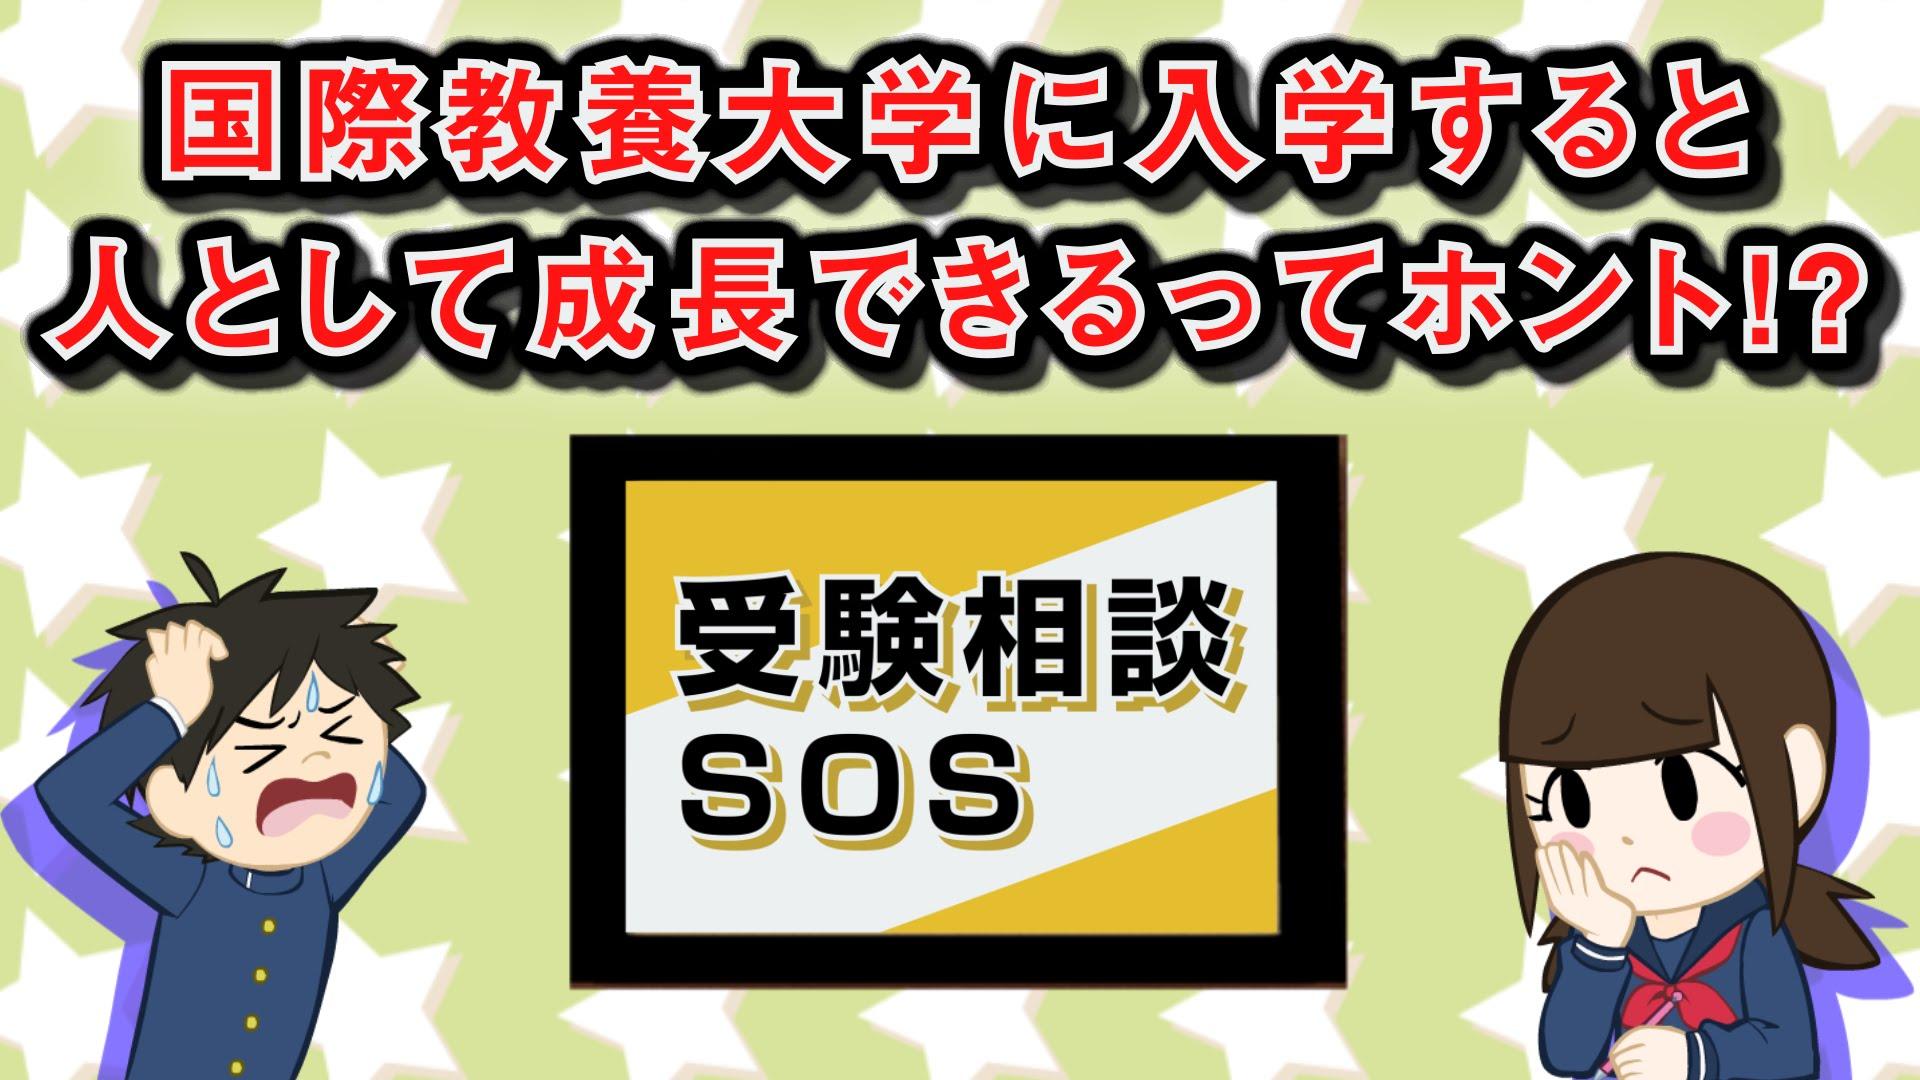 【vol.68】国際教養大学の評判!?成長できる大学とは? 受験相談SOS